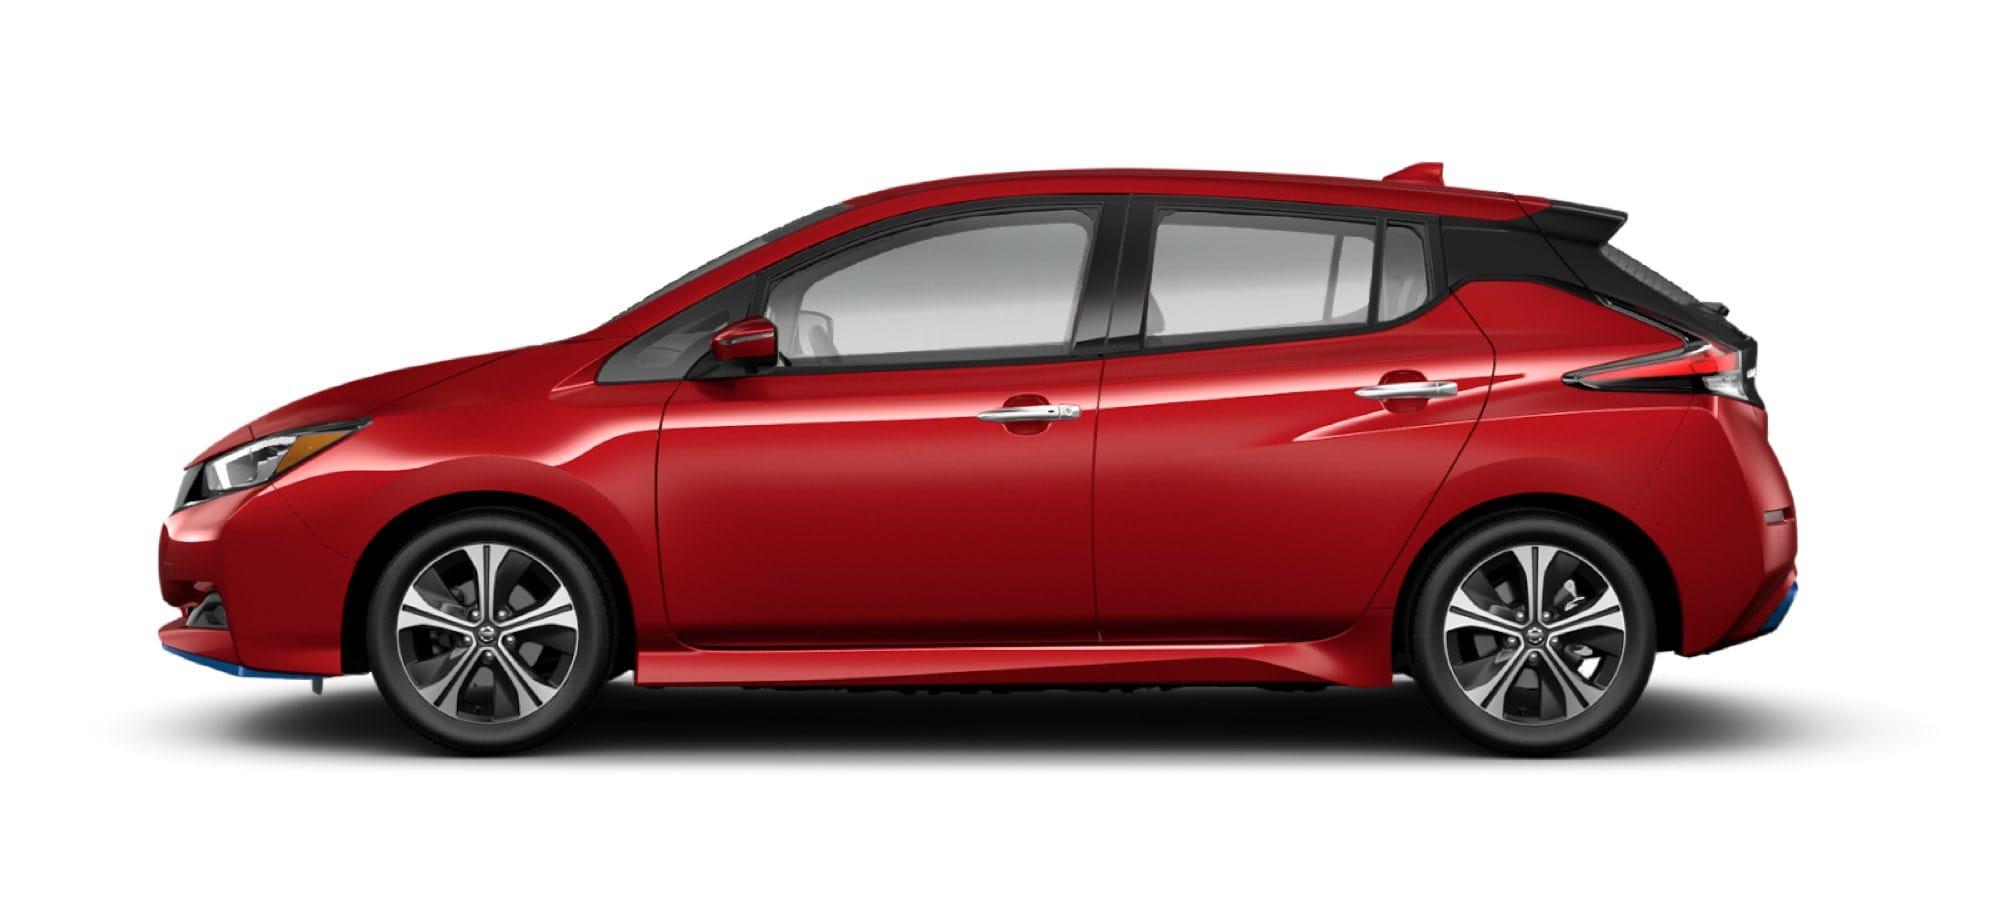 2021 Nissan LEAF in Scarlet Amber Tintcoat